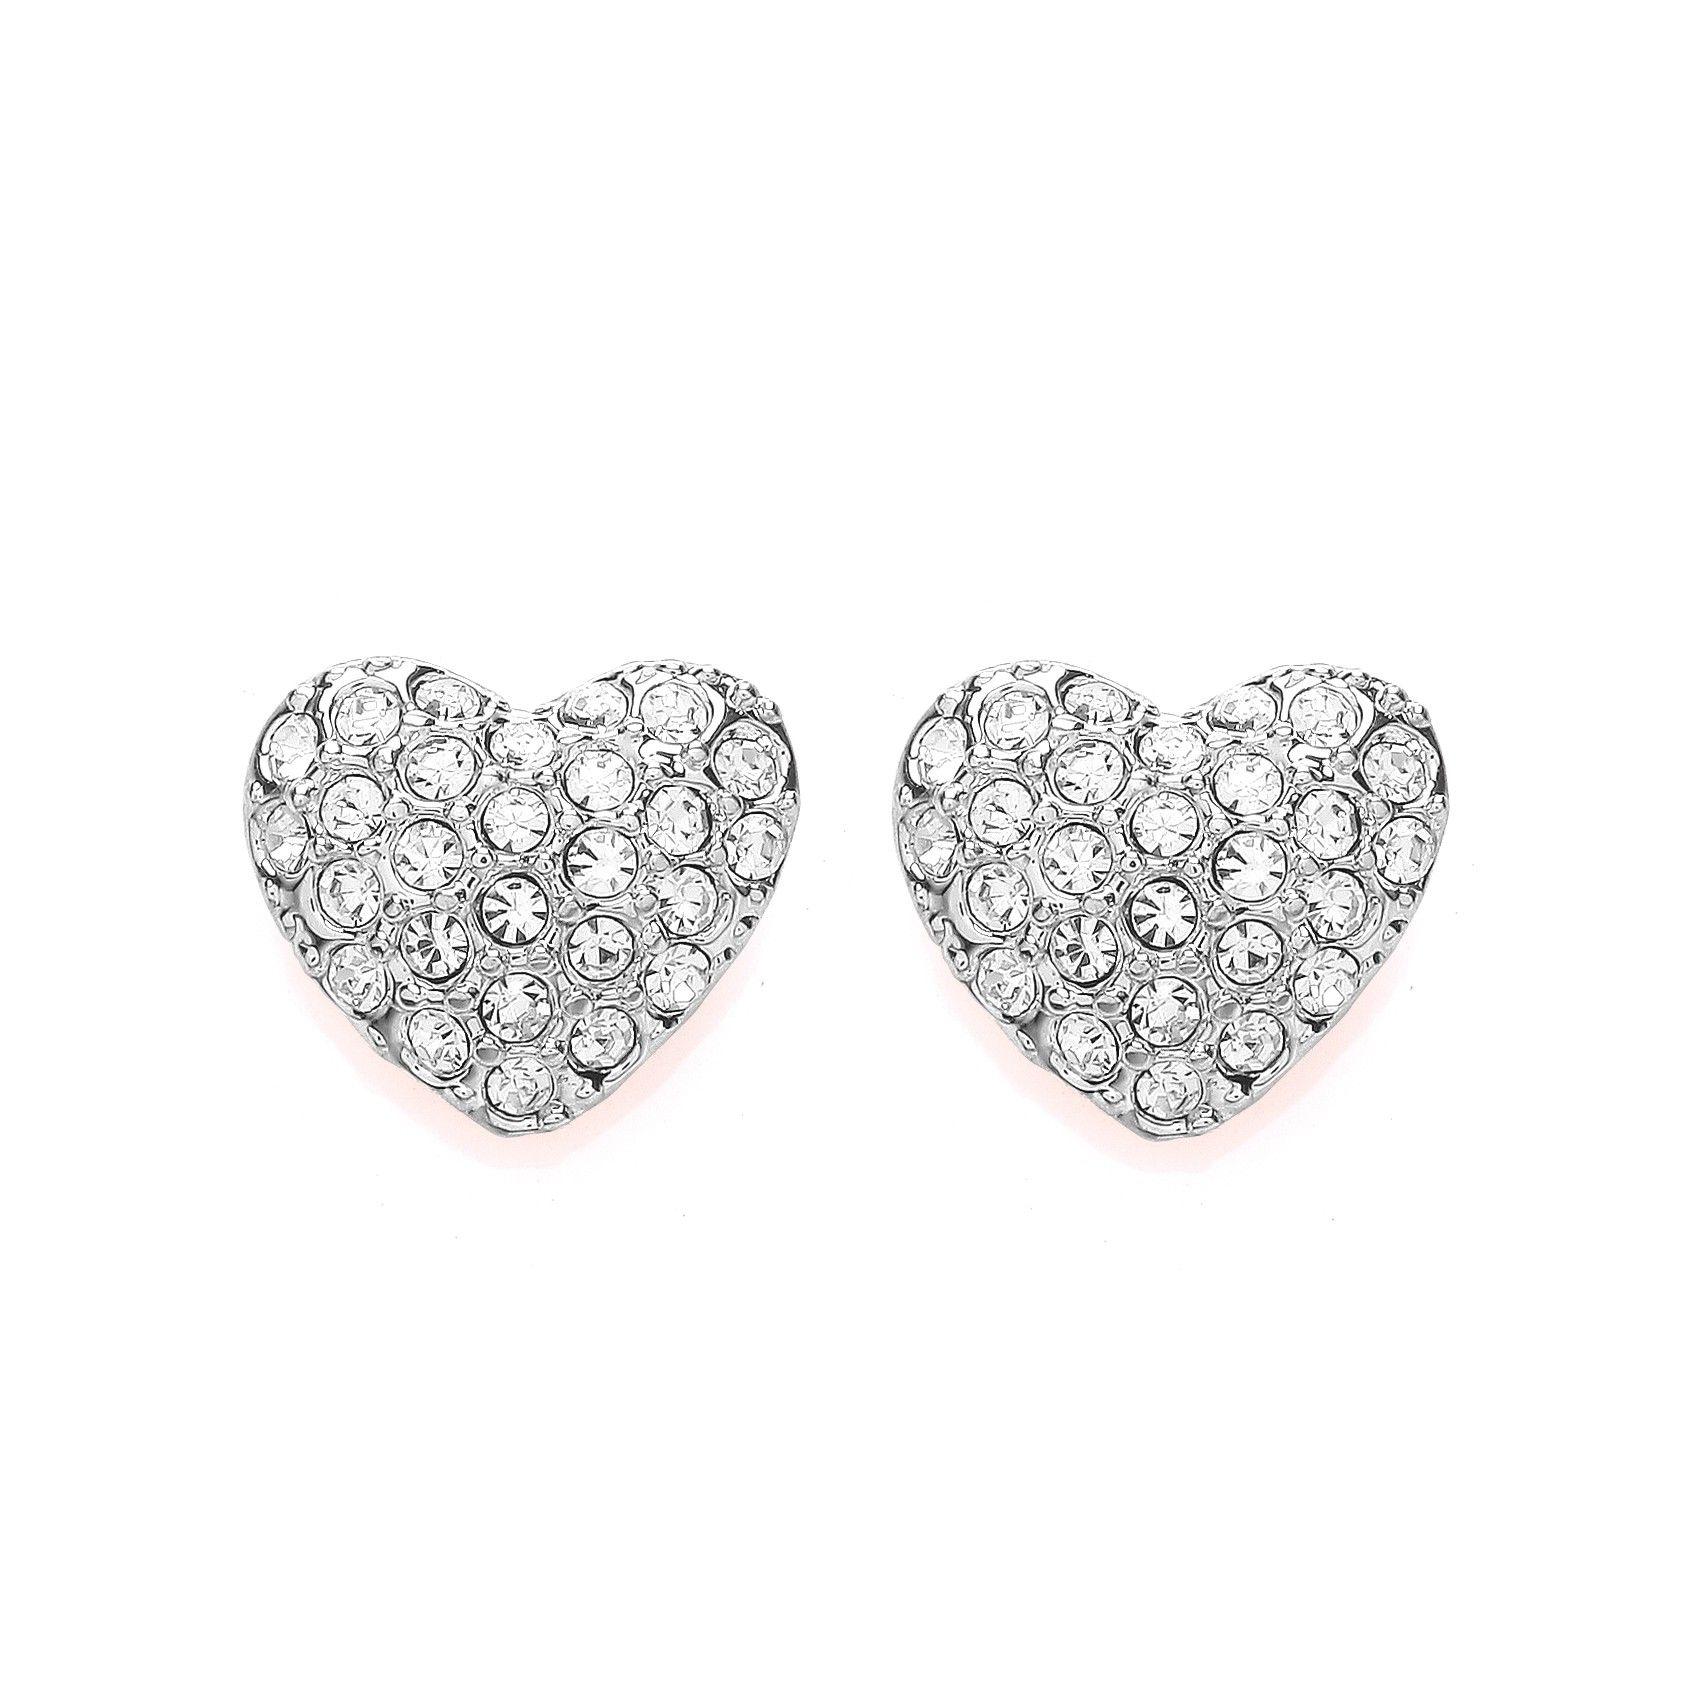 The Buckley London Miniature Heart Stud Earrings Buckleylondon